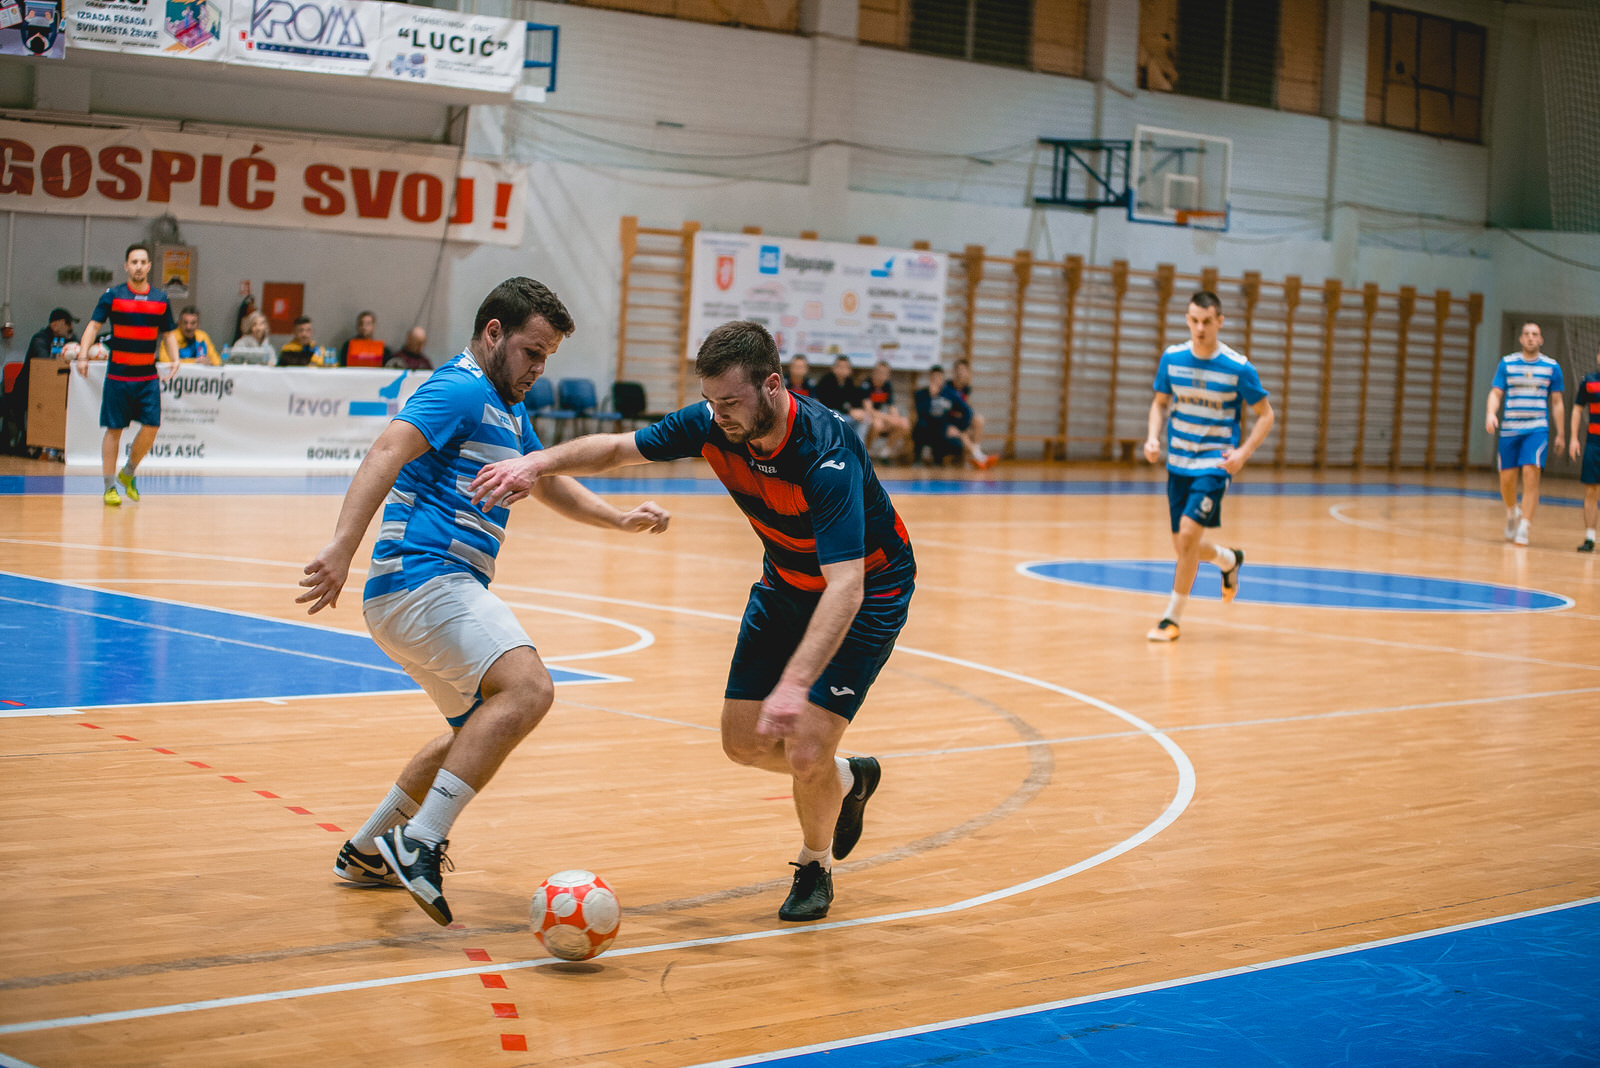 likaclub_gospić_zimski-malonogometni-turnir-2018-19-33